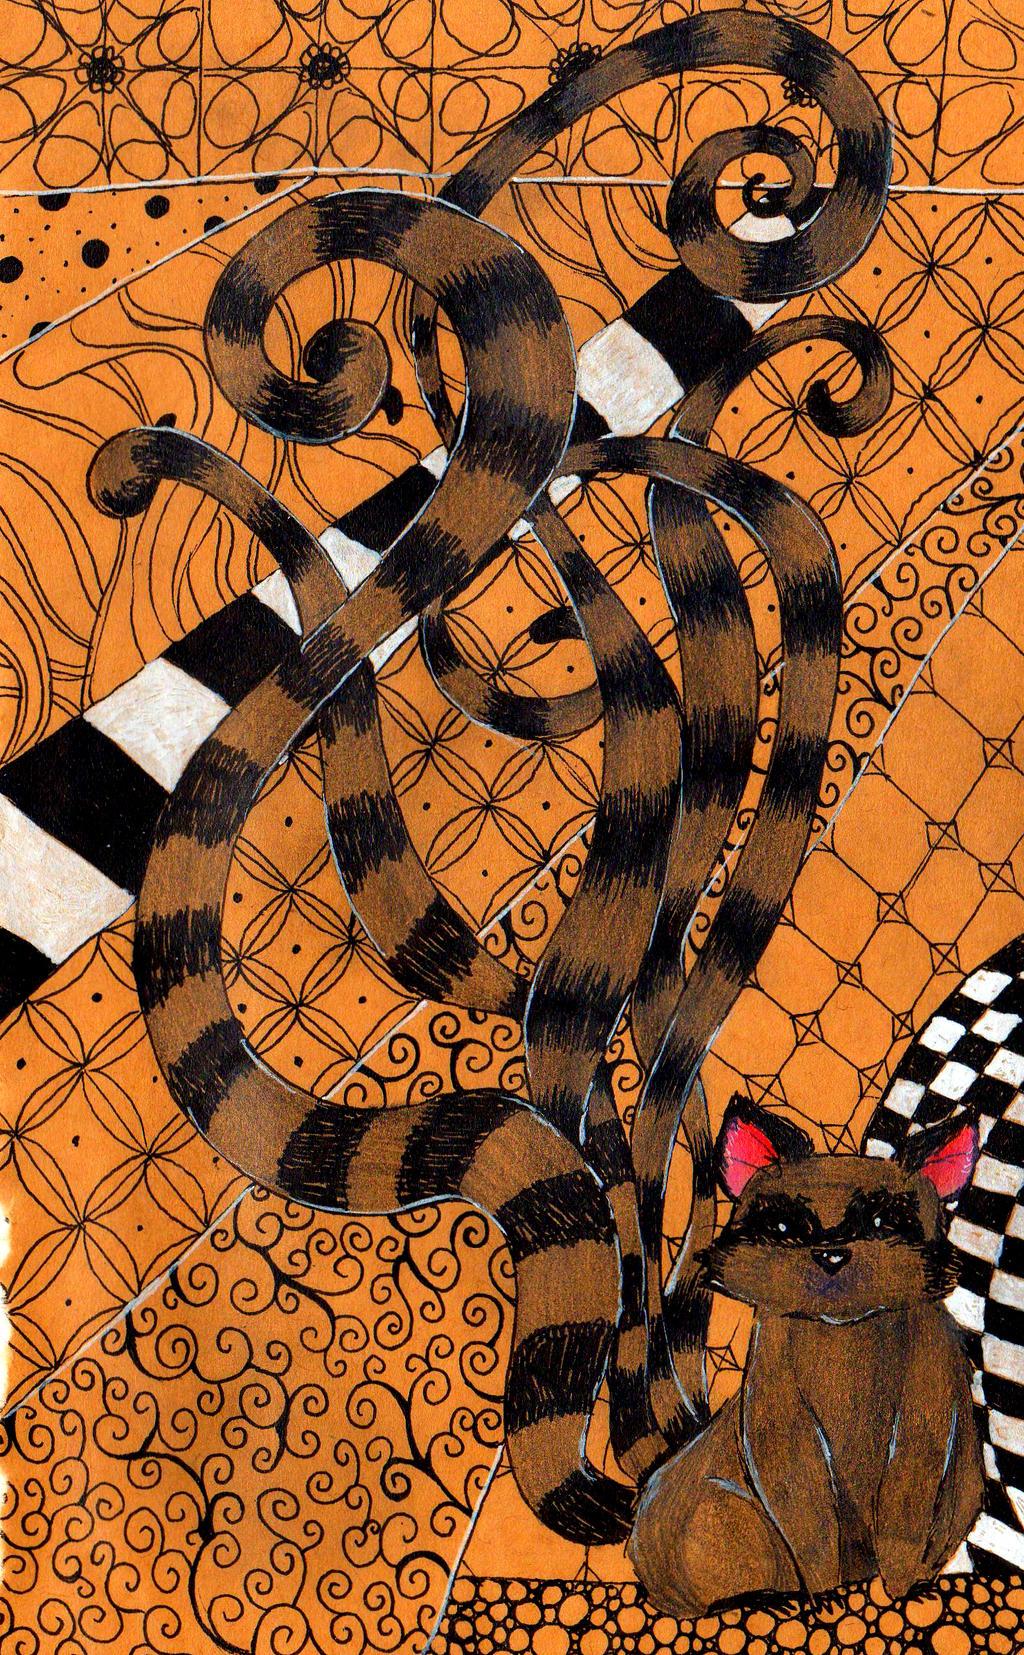 Octoracoon in zentangles by NanakoHarrison